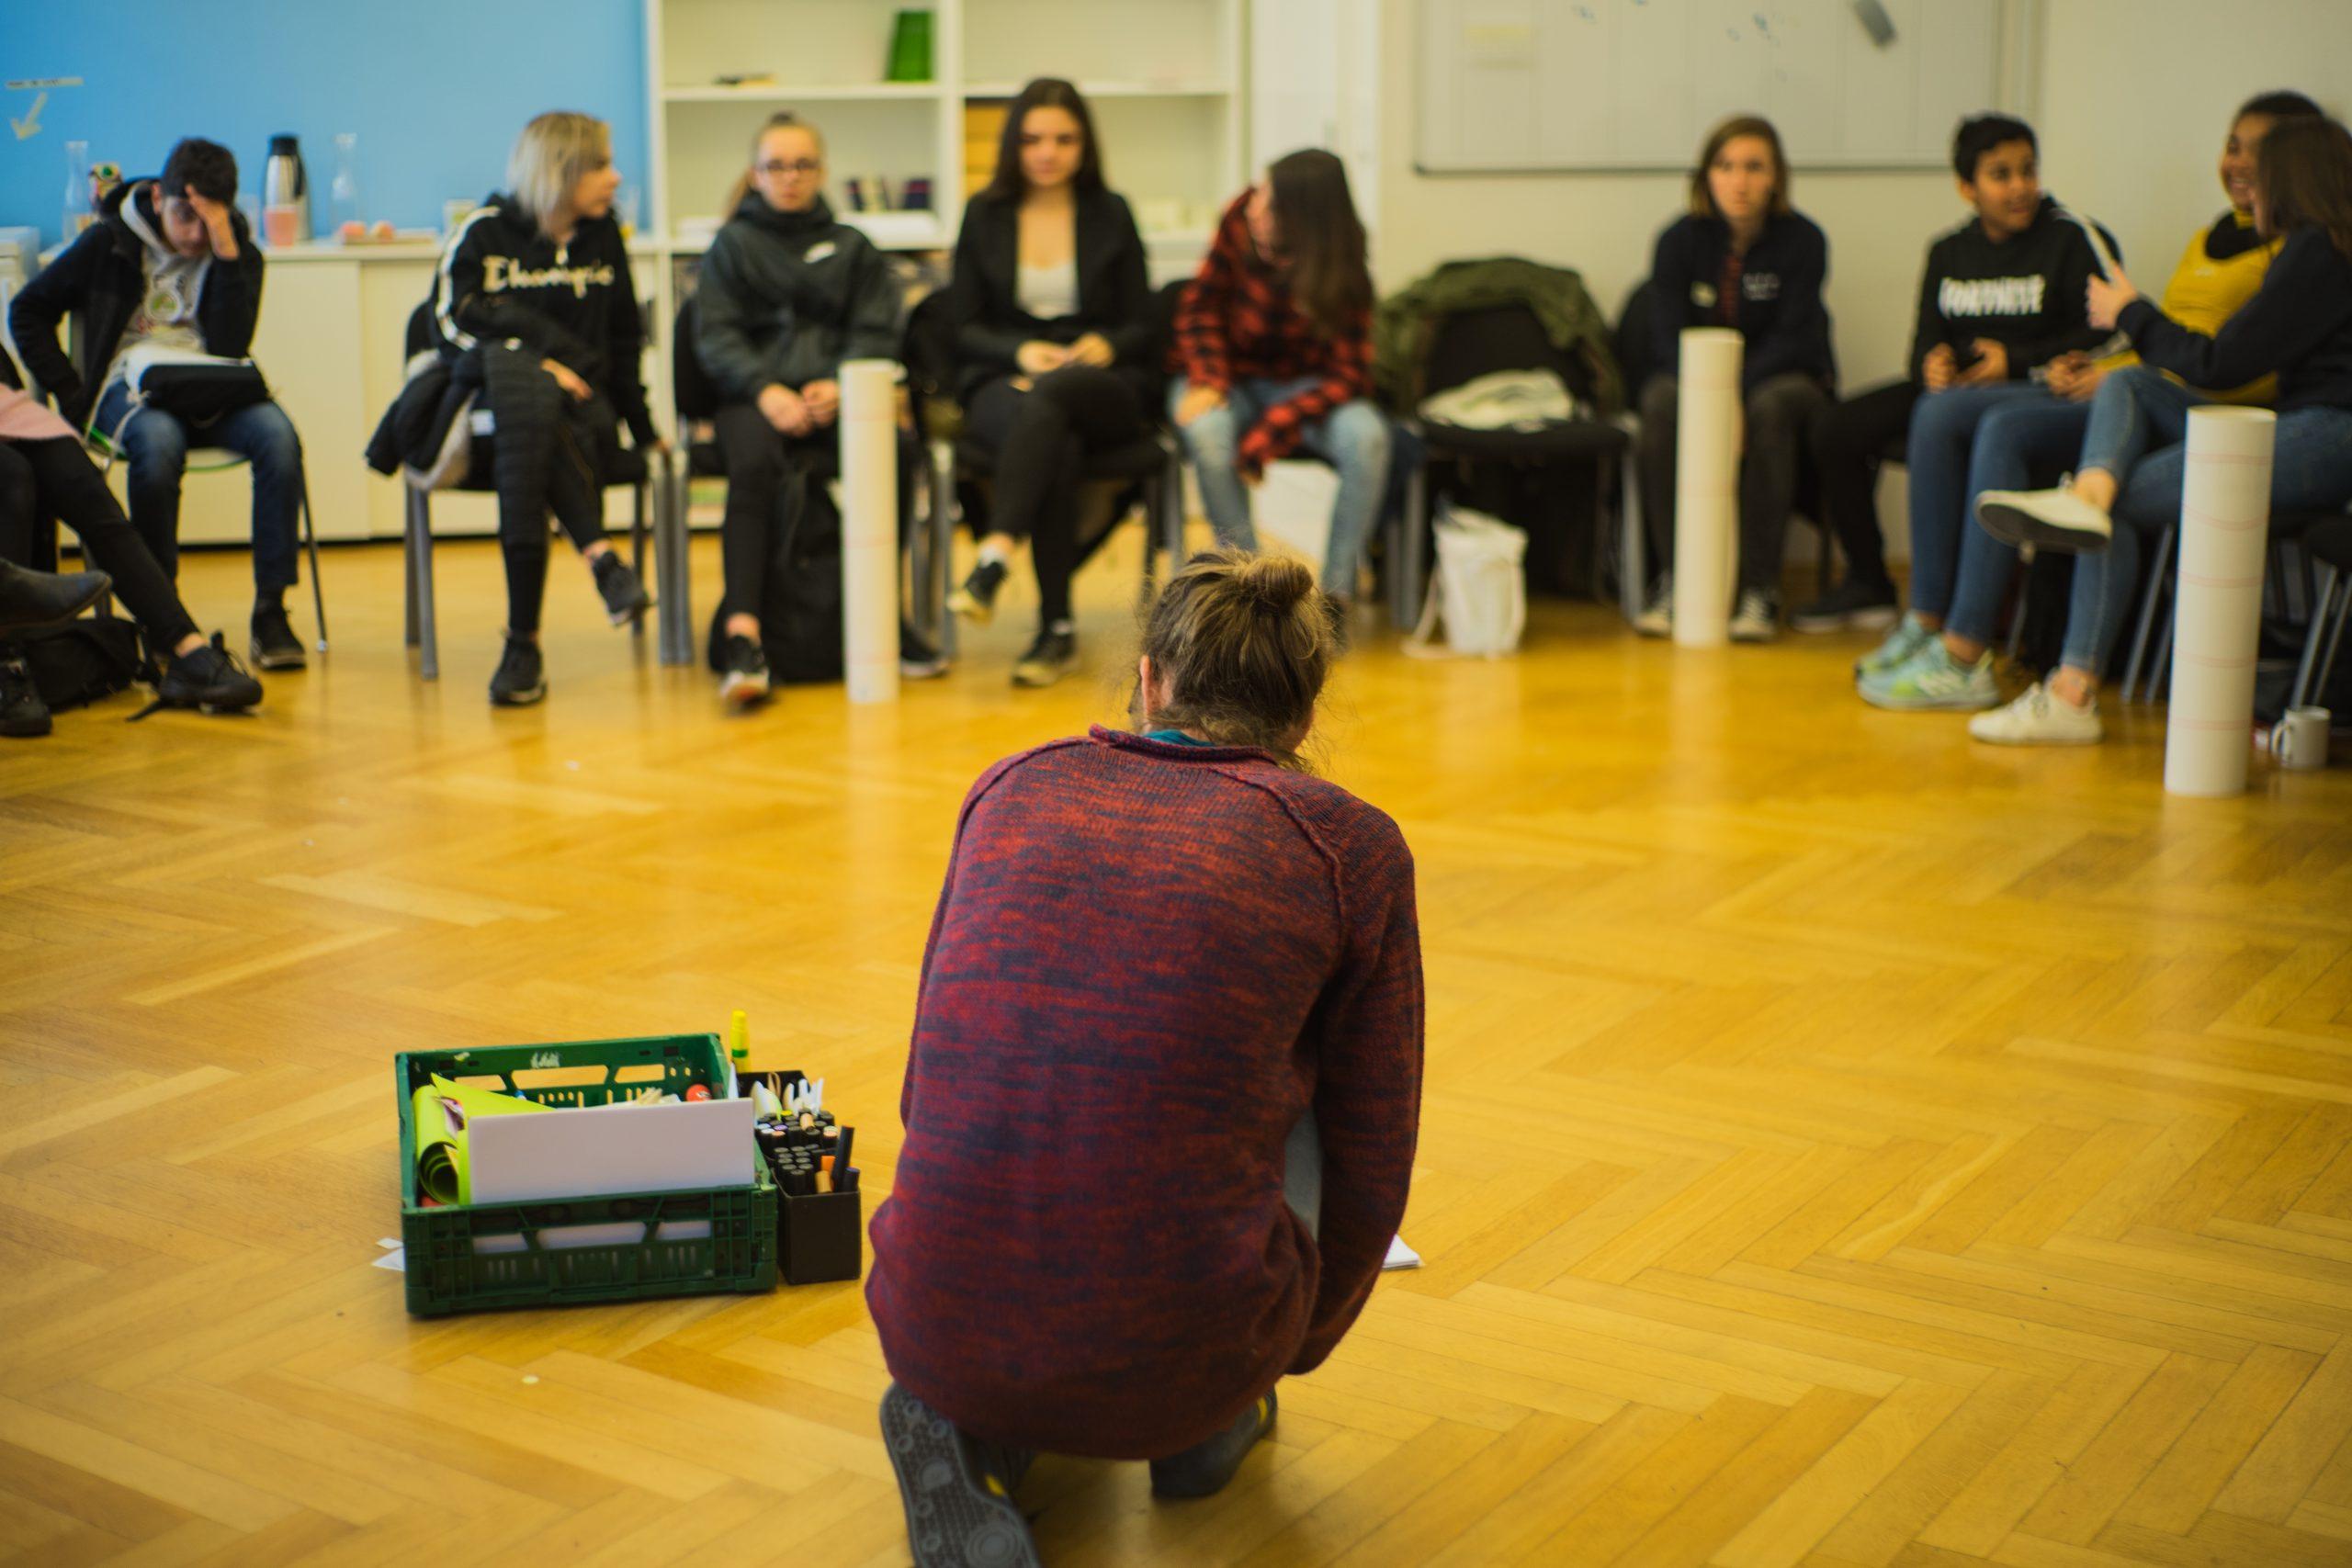 Auf dem Bild sieht man verschiedene Menschen, die in einem Stuhklreis sitzen. In der Mitte kniet sich eine Person, um Moderationsmaterial für den nächsten inhaltlichen Block aufzuheben. © Servicestelle Jugendbeteiligung e.V., 2019